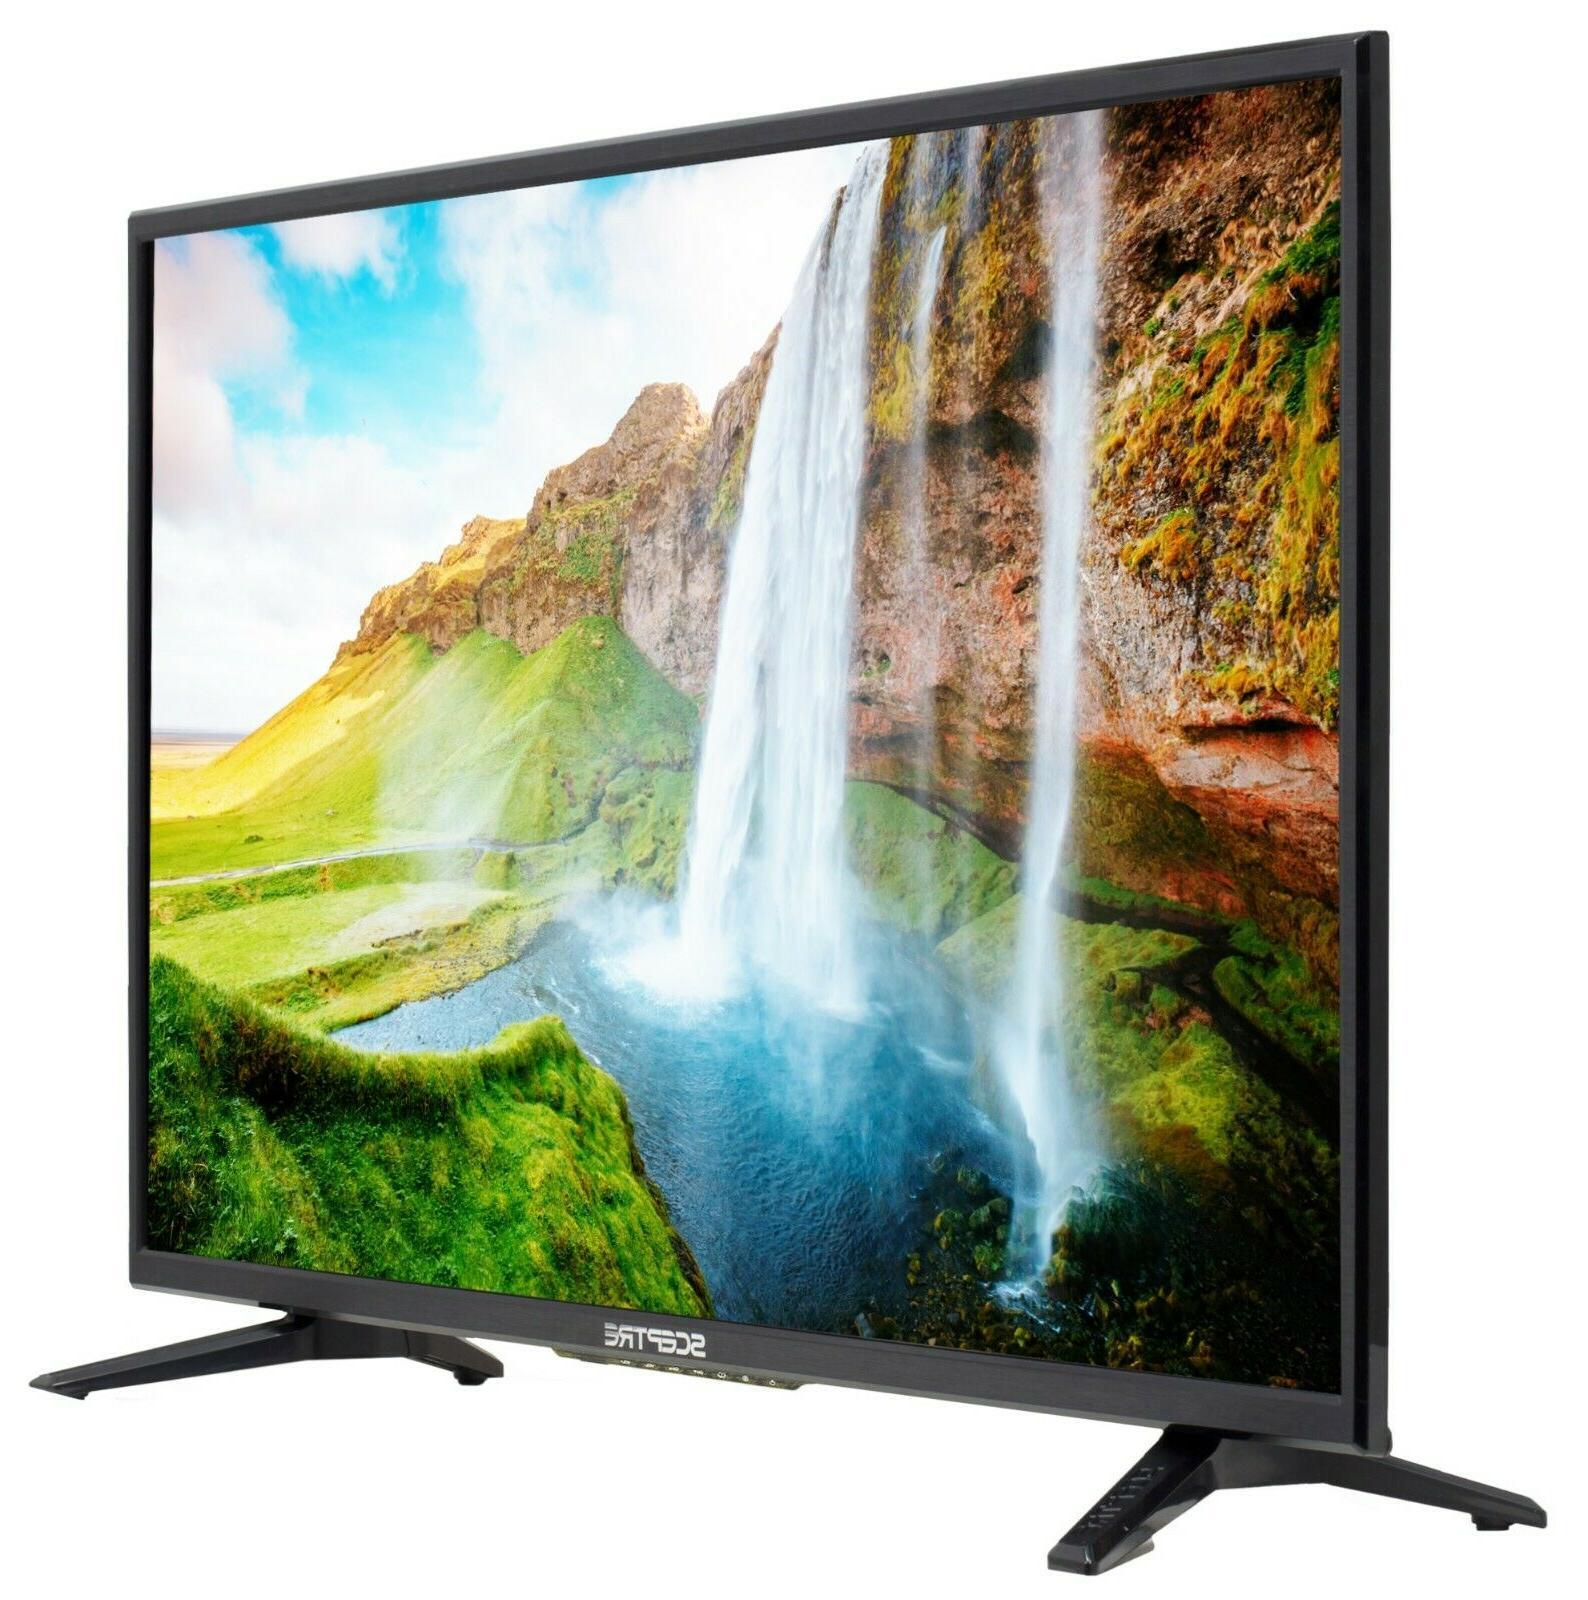 32 inch led hd tv flat screen